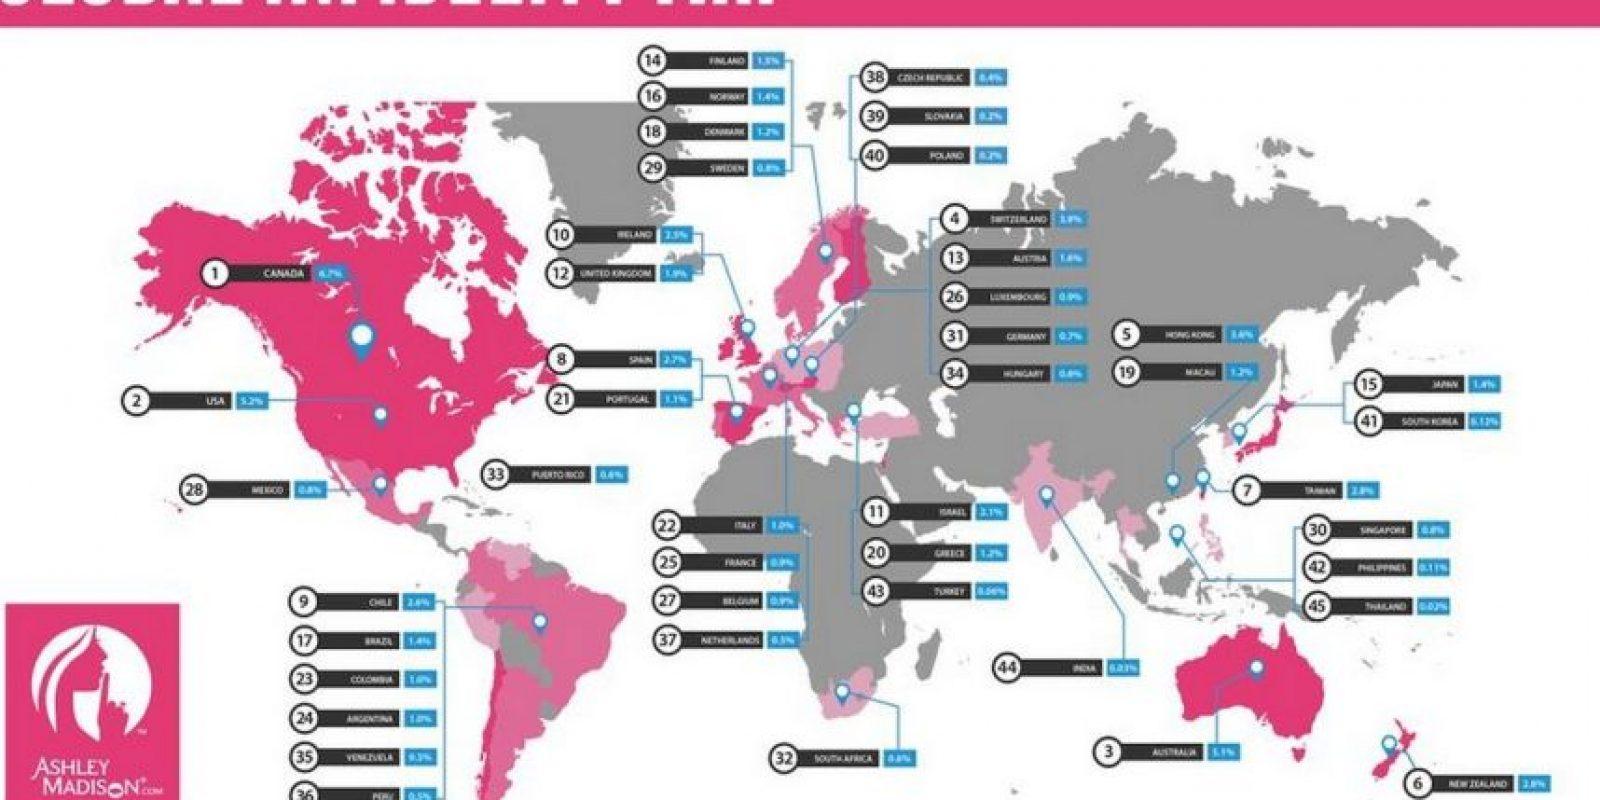 Mapa de la infidelidad en el mundo. Foto:Ashley Madison